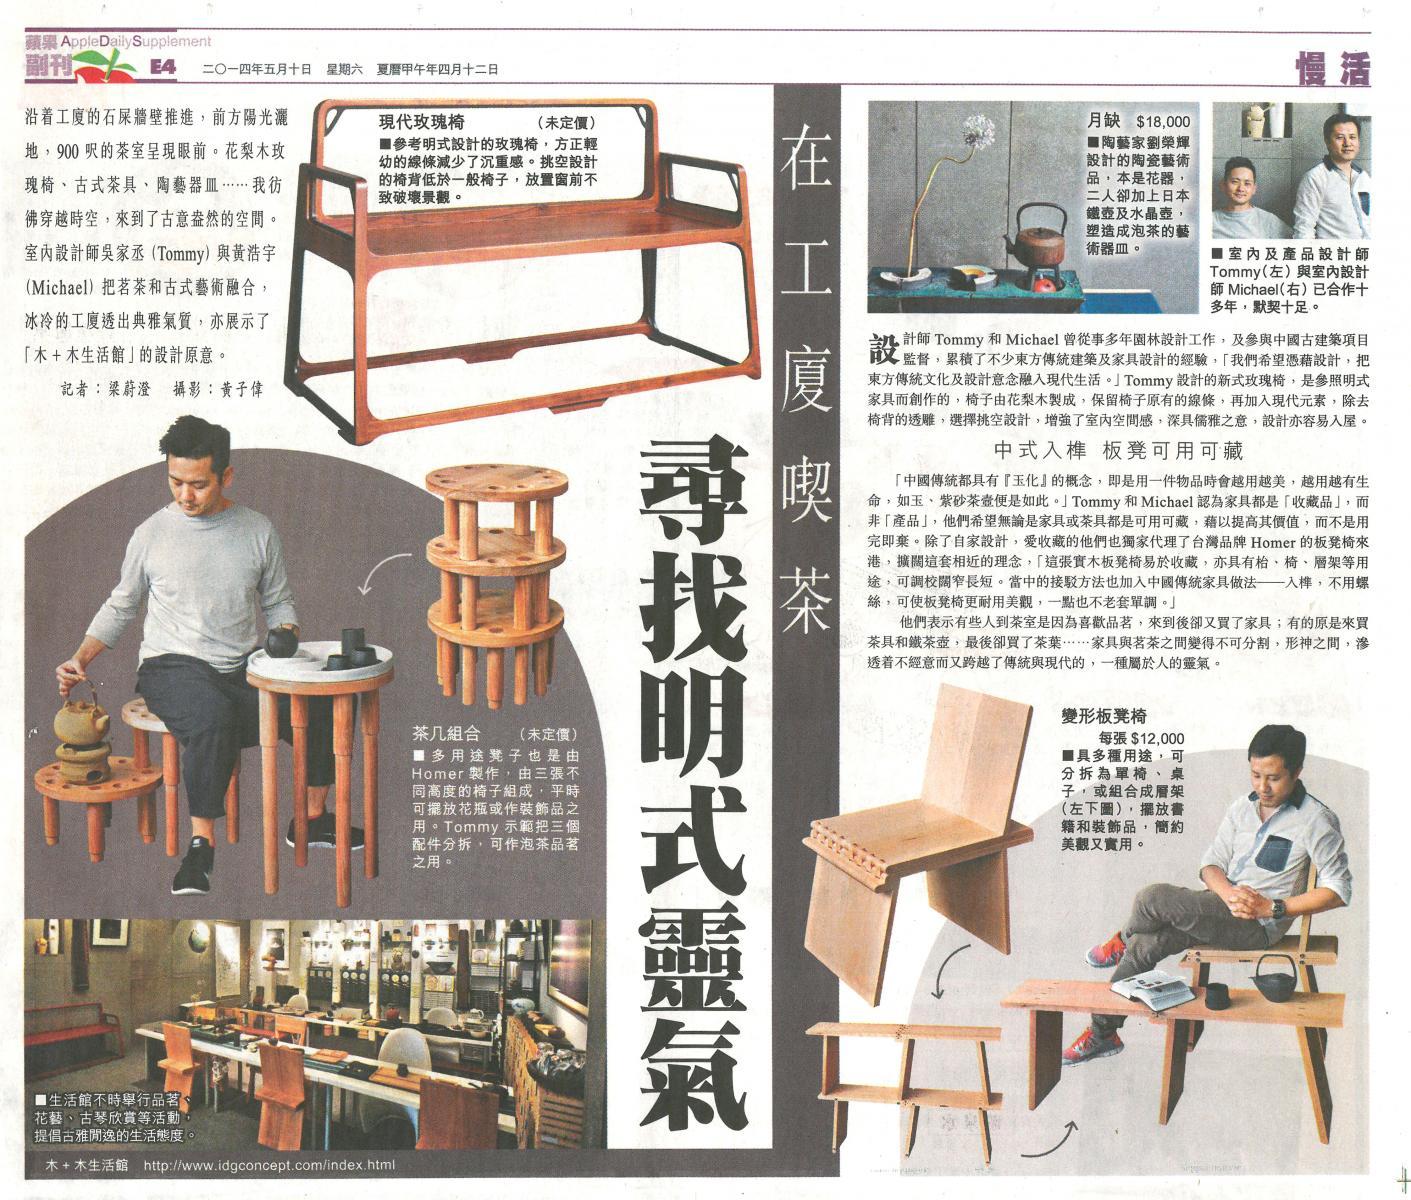 蘋果日報 專訪 木+木 在工廈喫茶 尋找明式靈氣